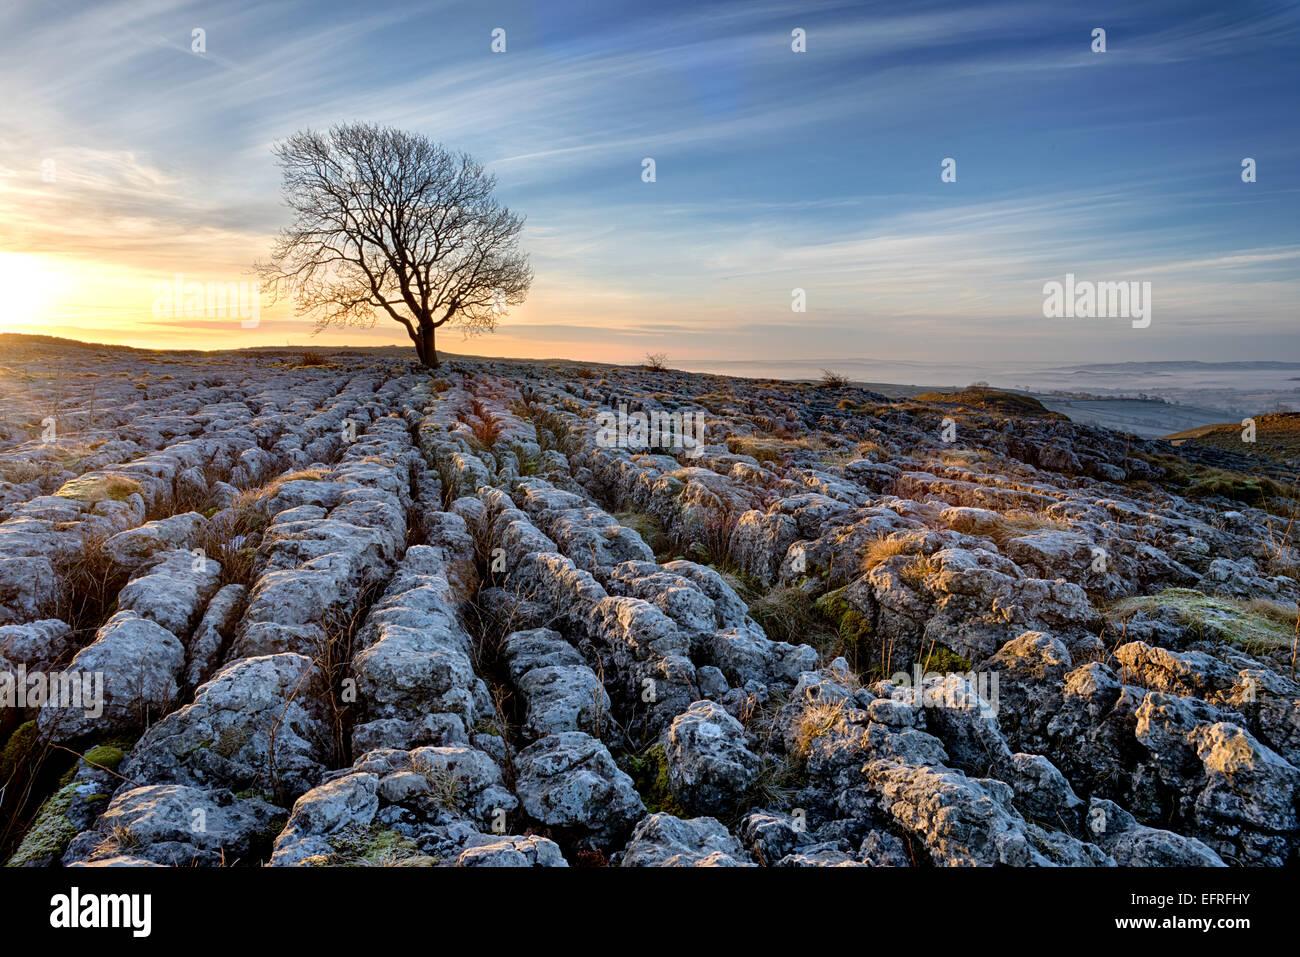 Limestone Pavement, Malham, Yorkshire Dales, England, UK - Stock Image